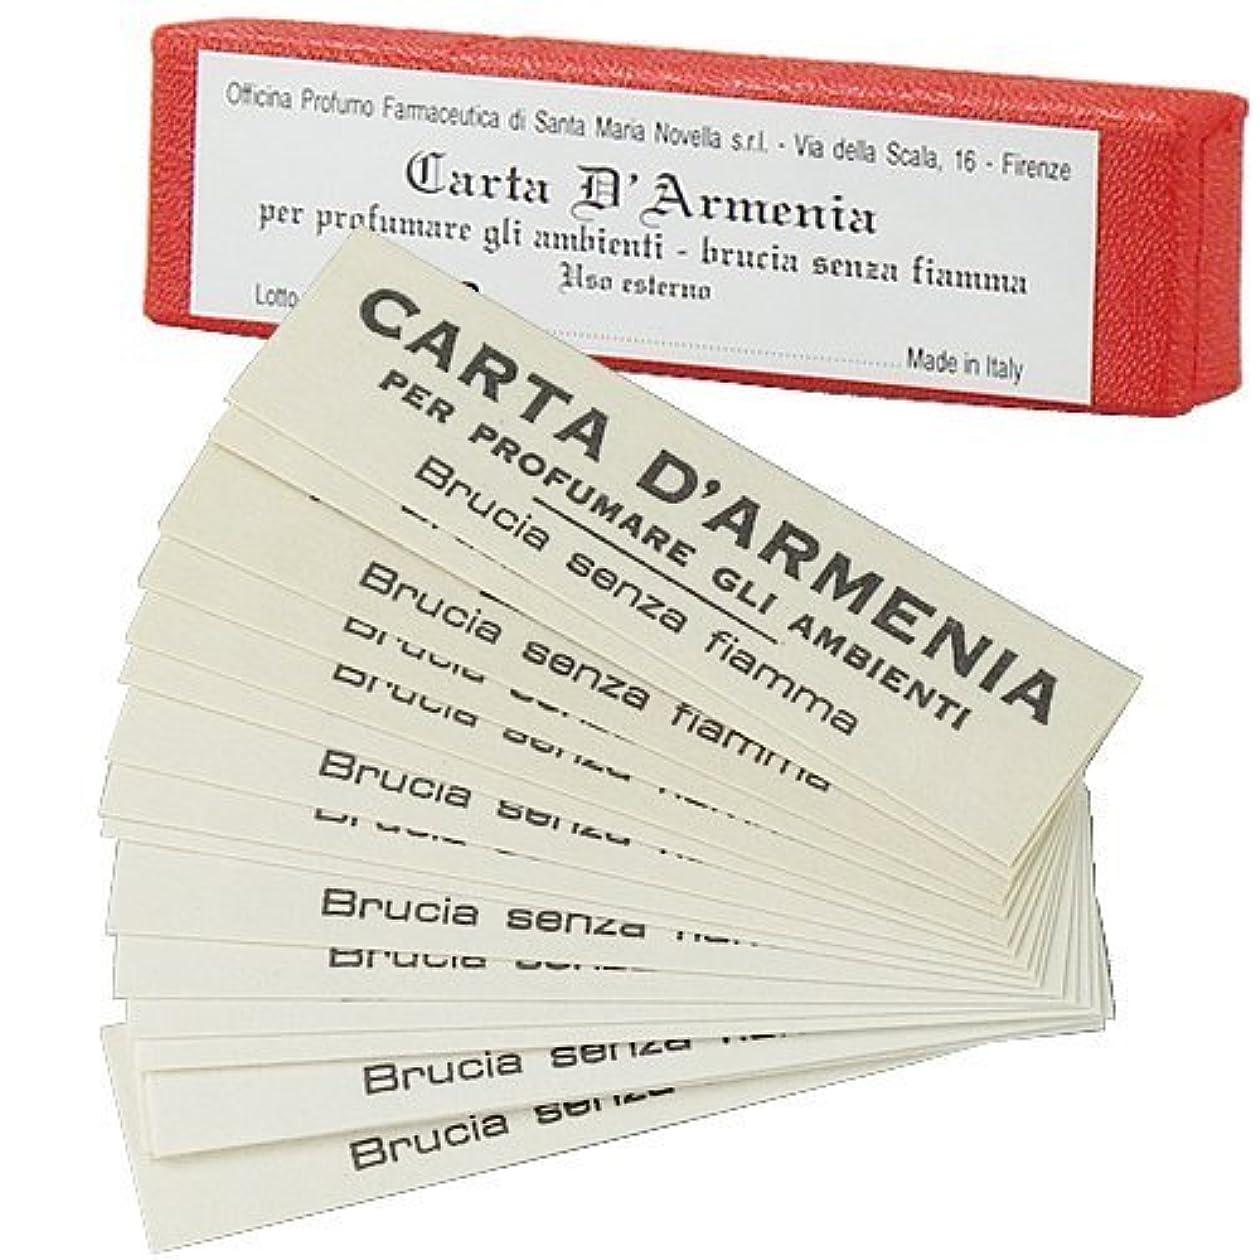 気付く陽気な不十分なサンタマリアノヴェッラ アルメニア紙(お香) [並行輸入品] 18枚入り